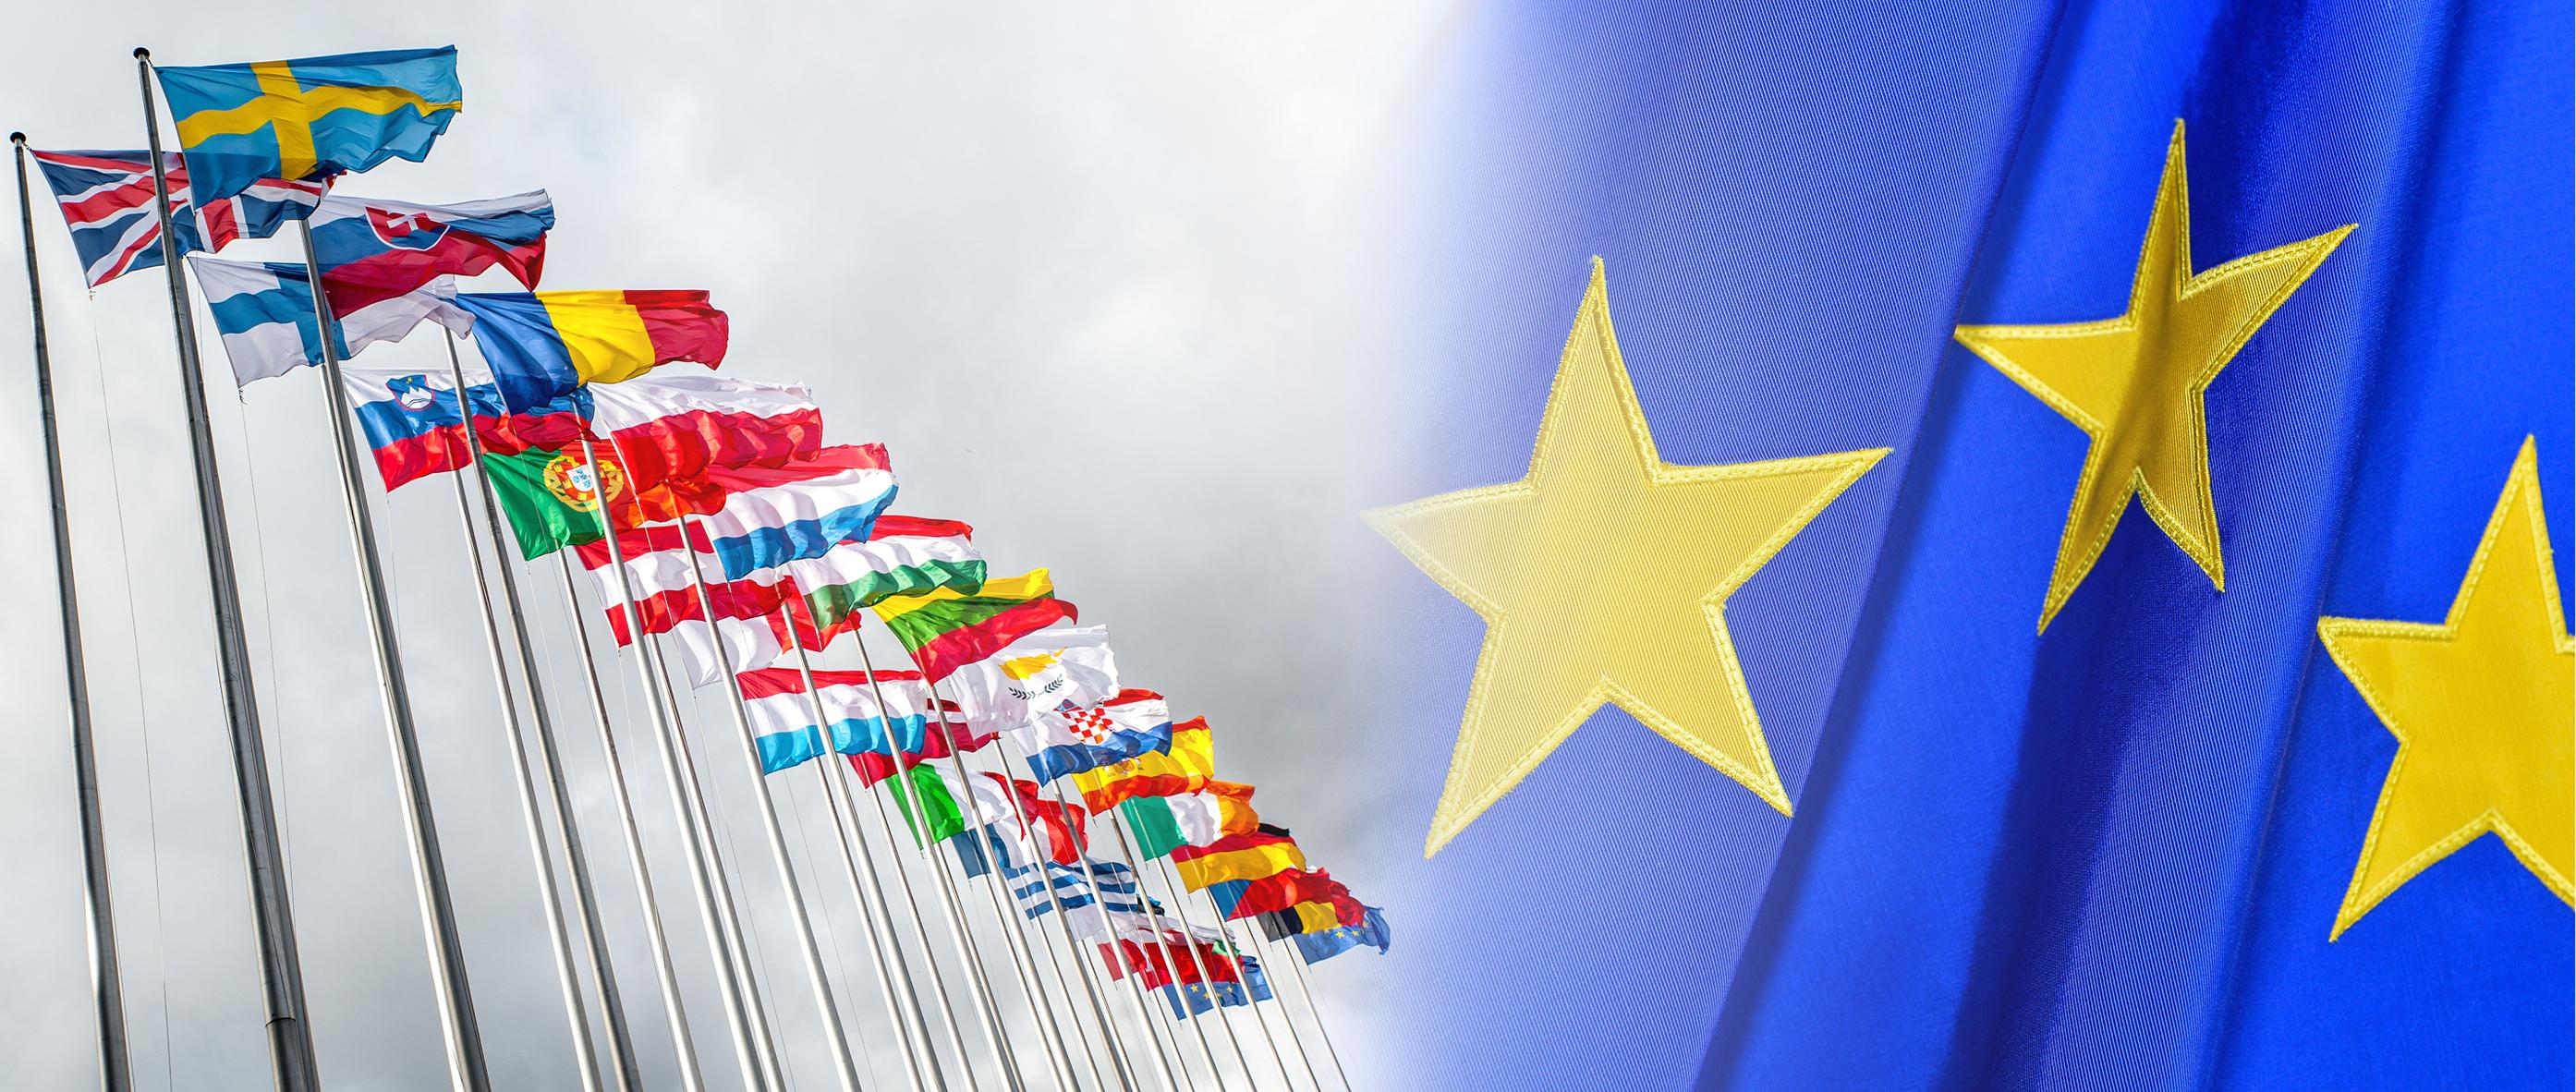 Глобальна стратегія ЄС:  Місце, роль і внесок України